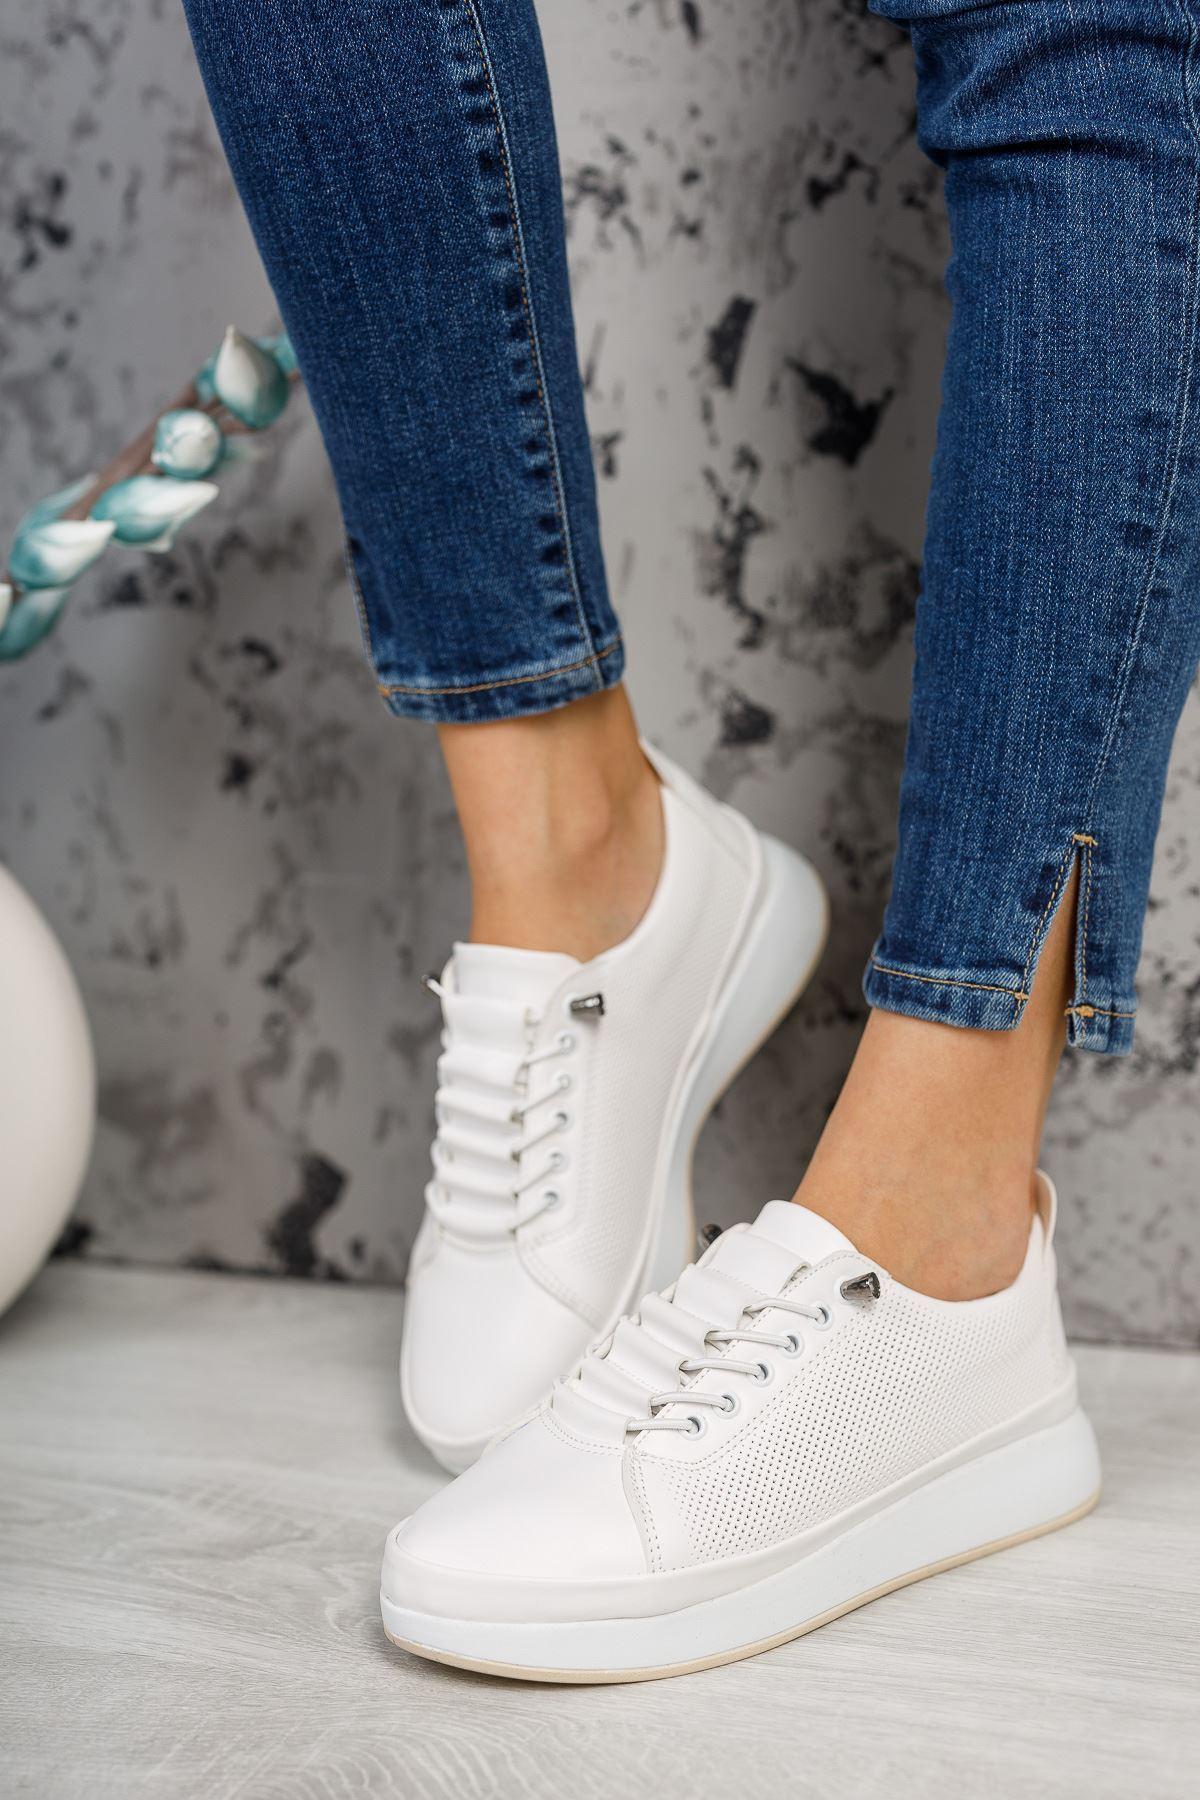 Karenna Beyaz Mat Deri Bağcıklı Kadın Günlük Ayakkabı